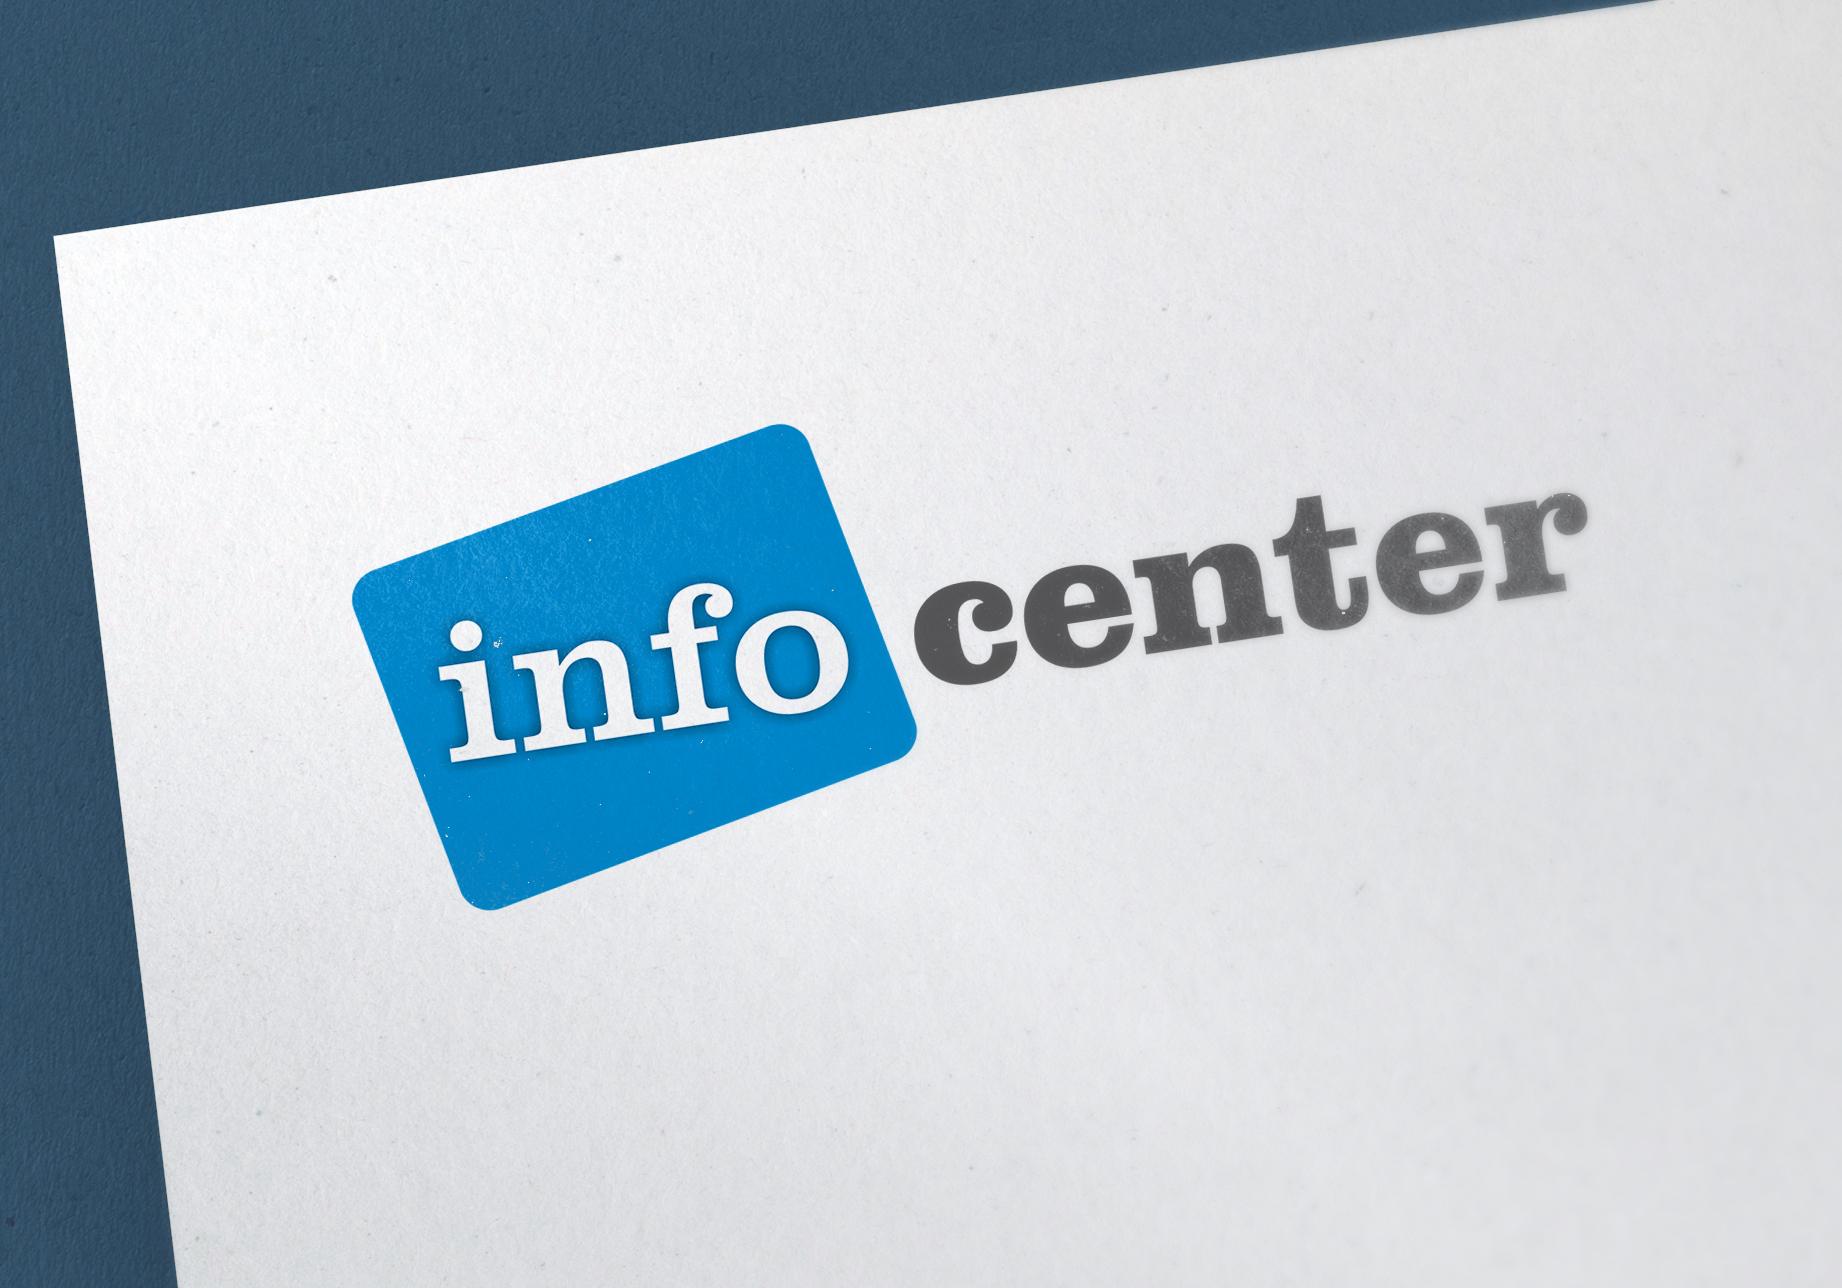 Лого Info center